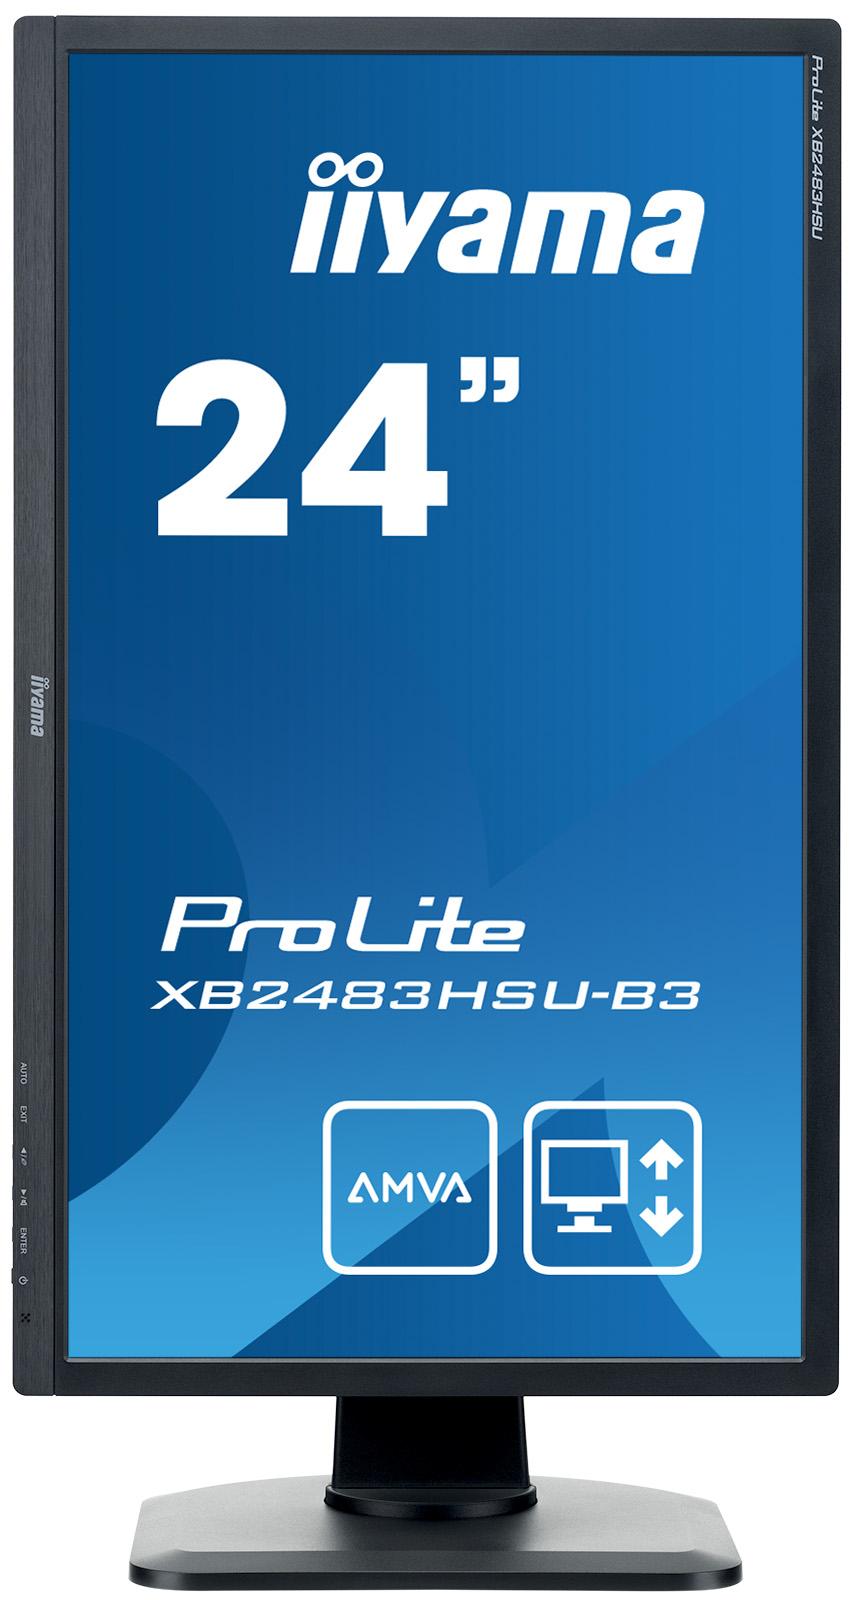 """ProLite XB2483HSU-B3 LED 24"""", 1920 x 1080 Full HD, A-MVA, 3000:1, 4 ms, HDMI, VGA, DisplayPort, speakers, zwart"""